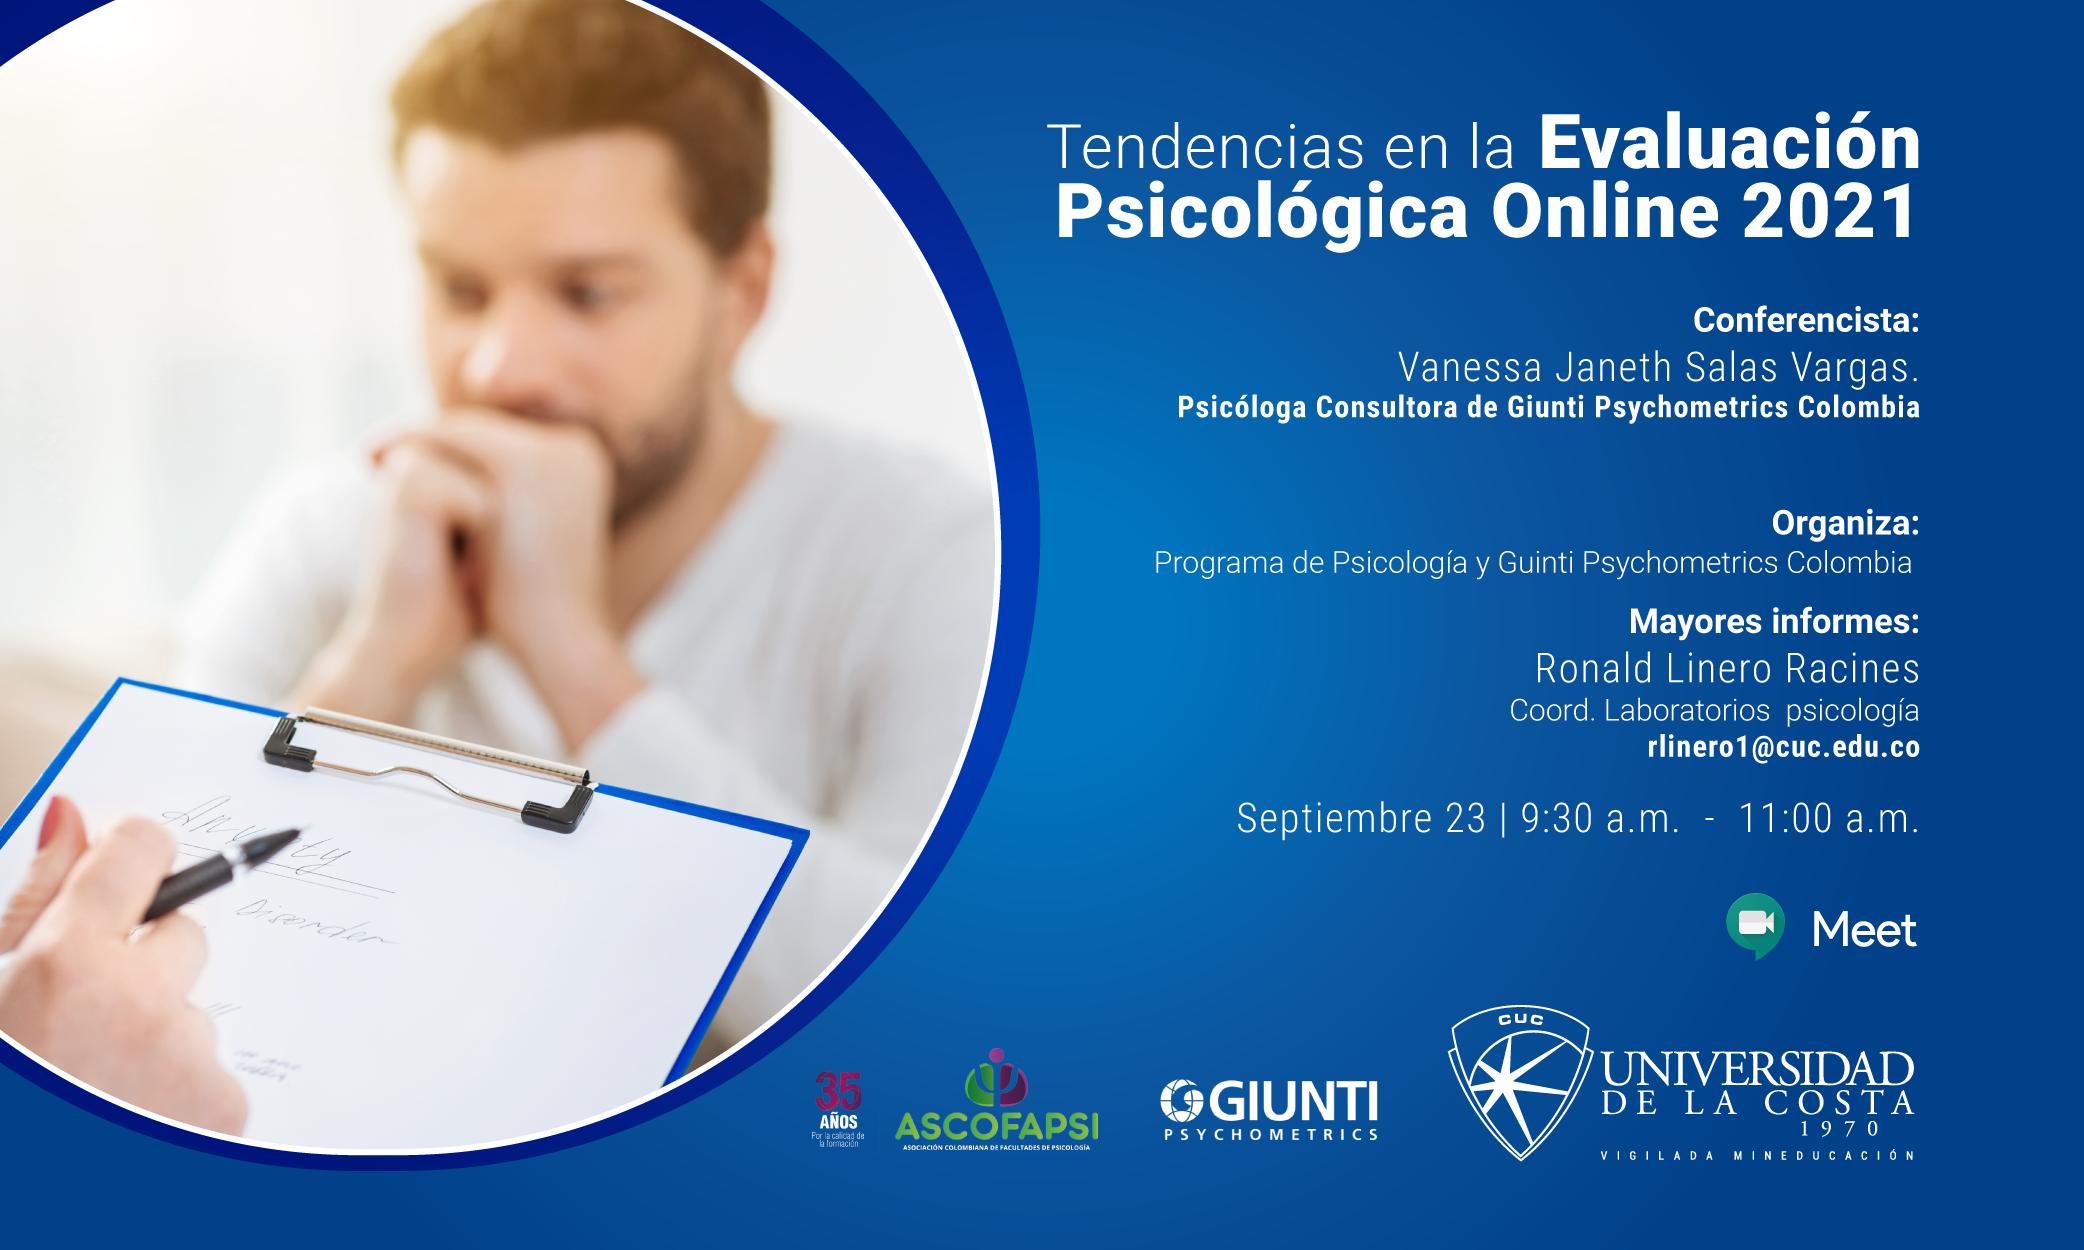 Tendencias en la evaluación Psicológica Online 2021